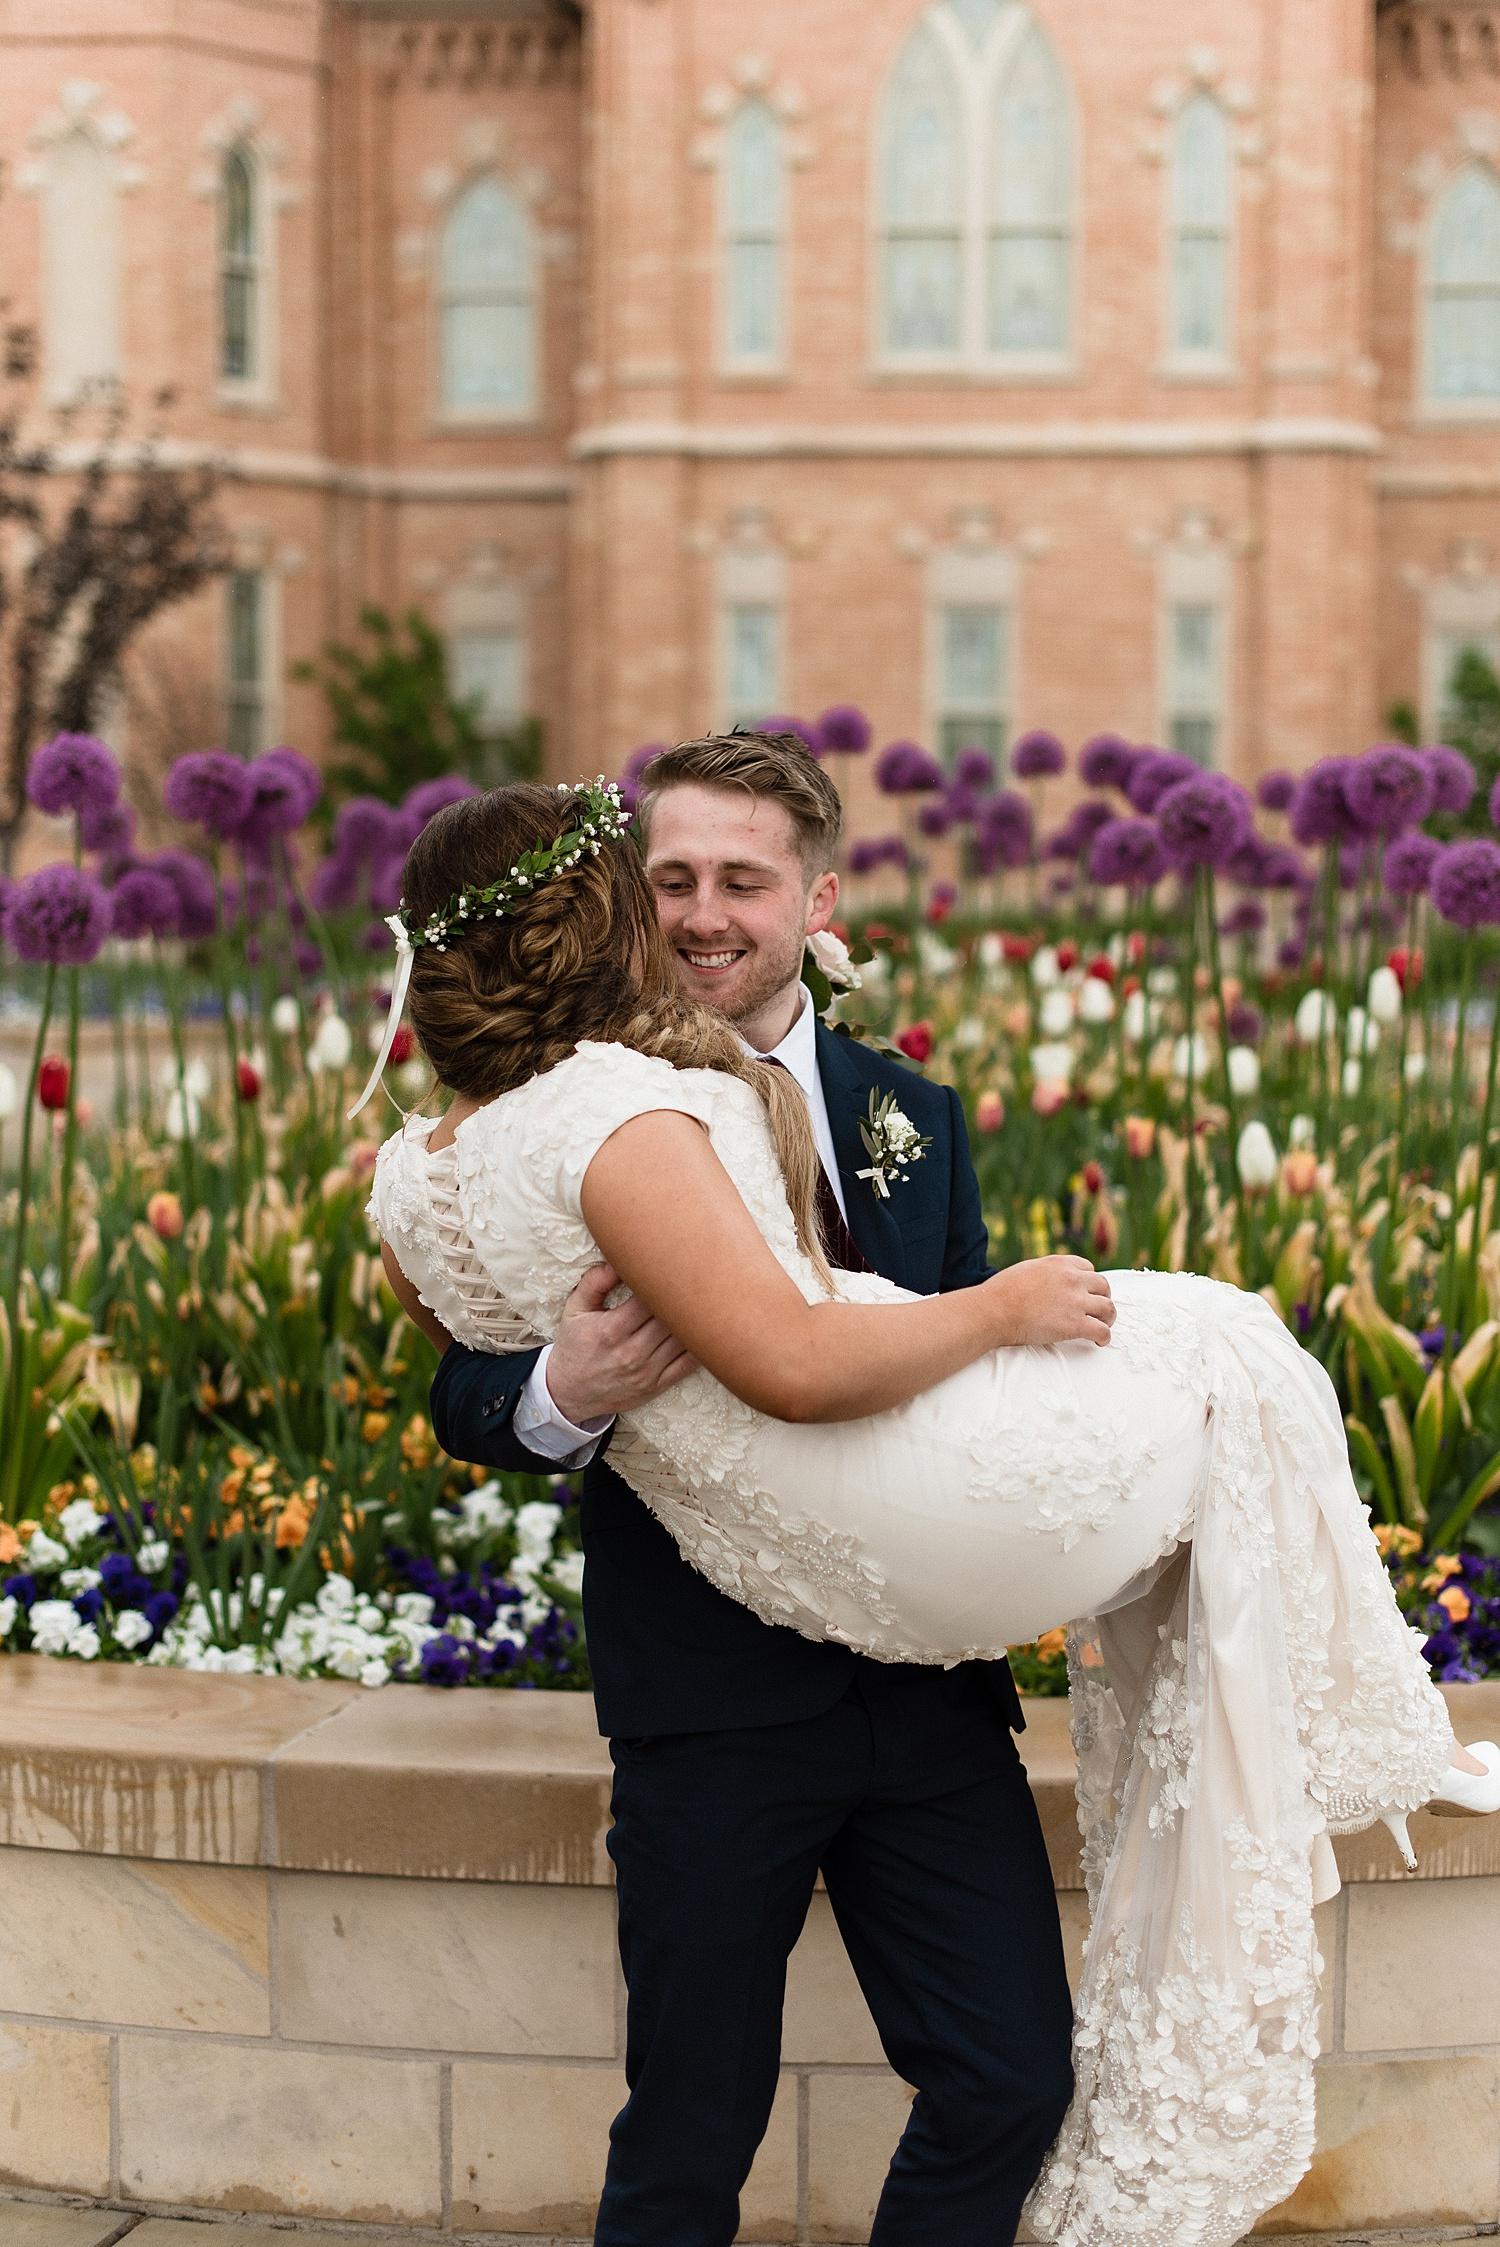 Zandra Barriga Photo - Dallas and Megan Wedding_0035.jpg